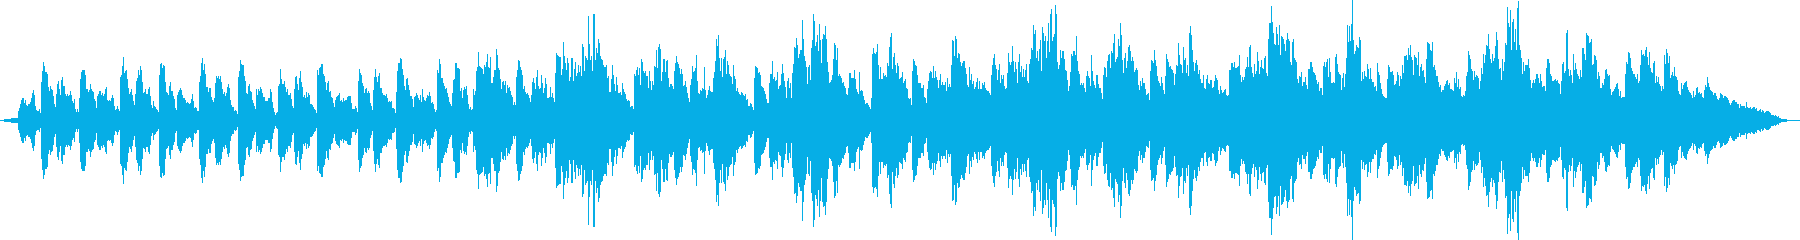 リラックスのためのアンビエントの再生済みの波形